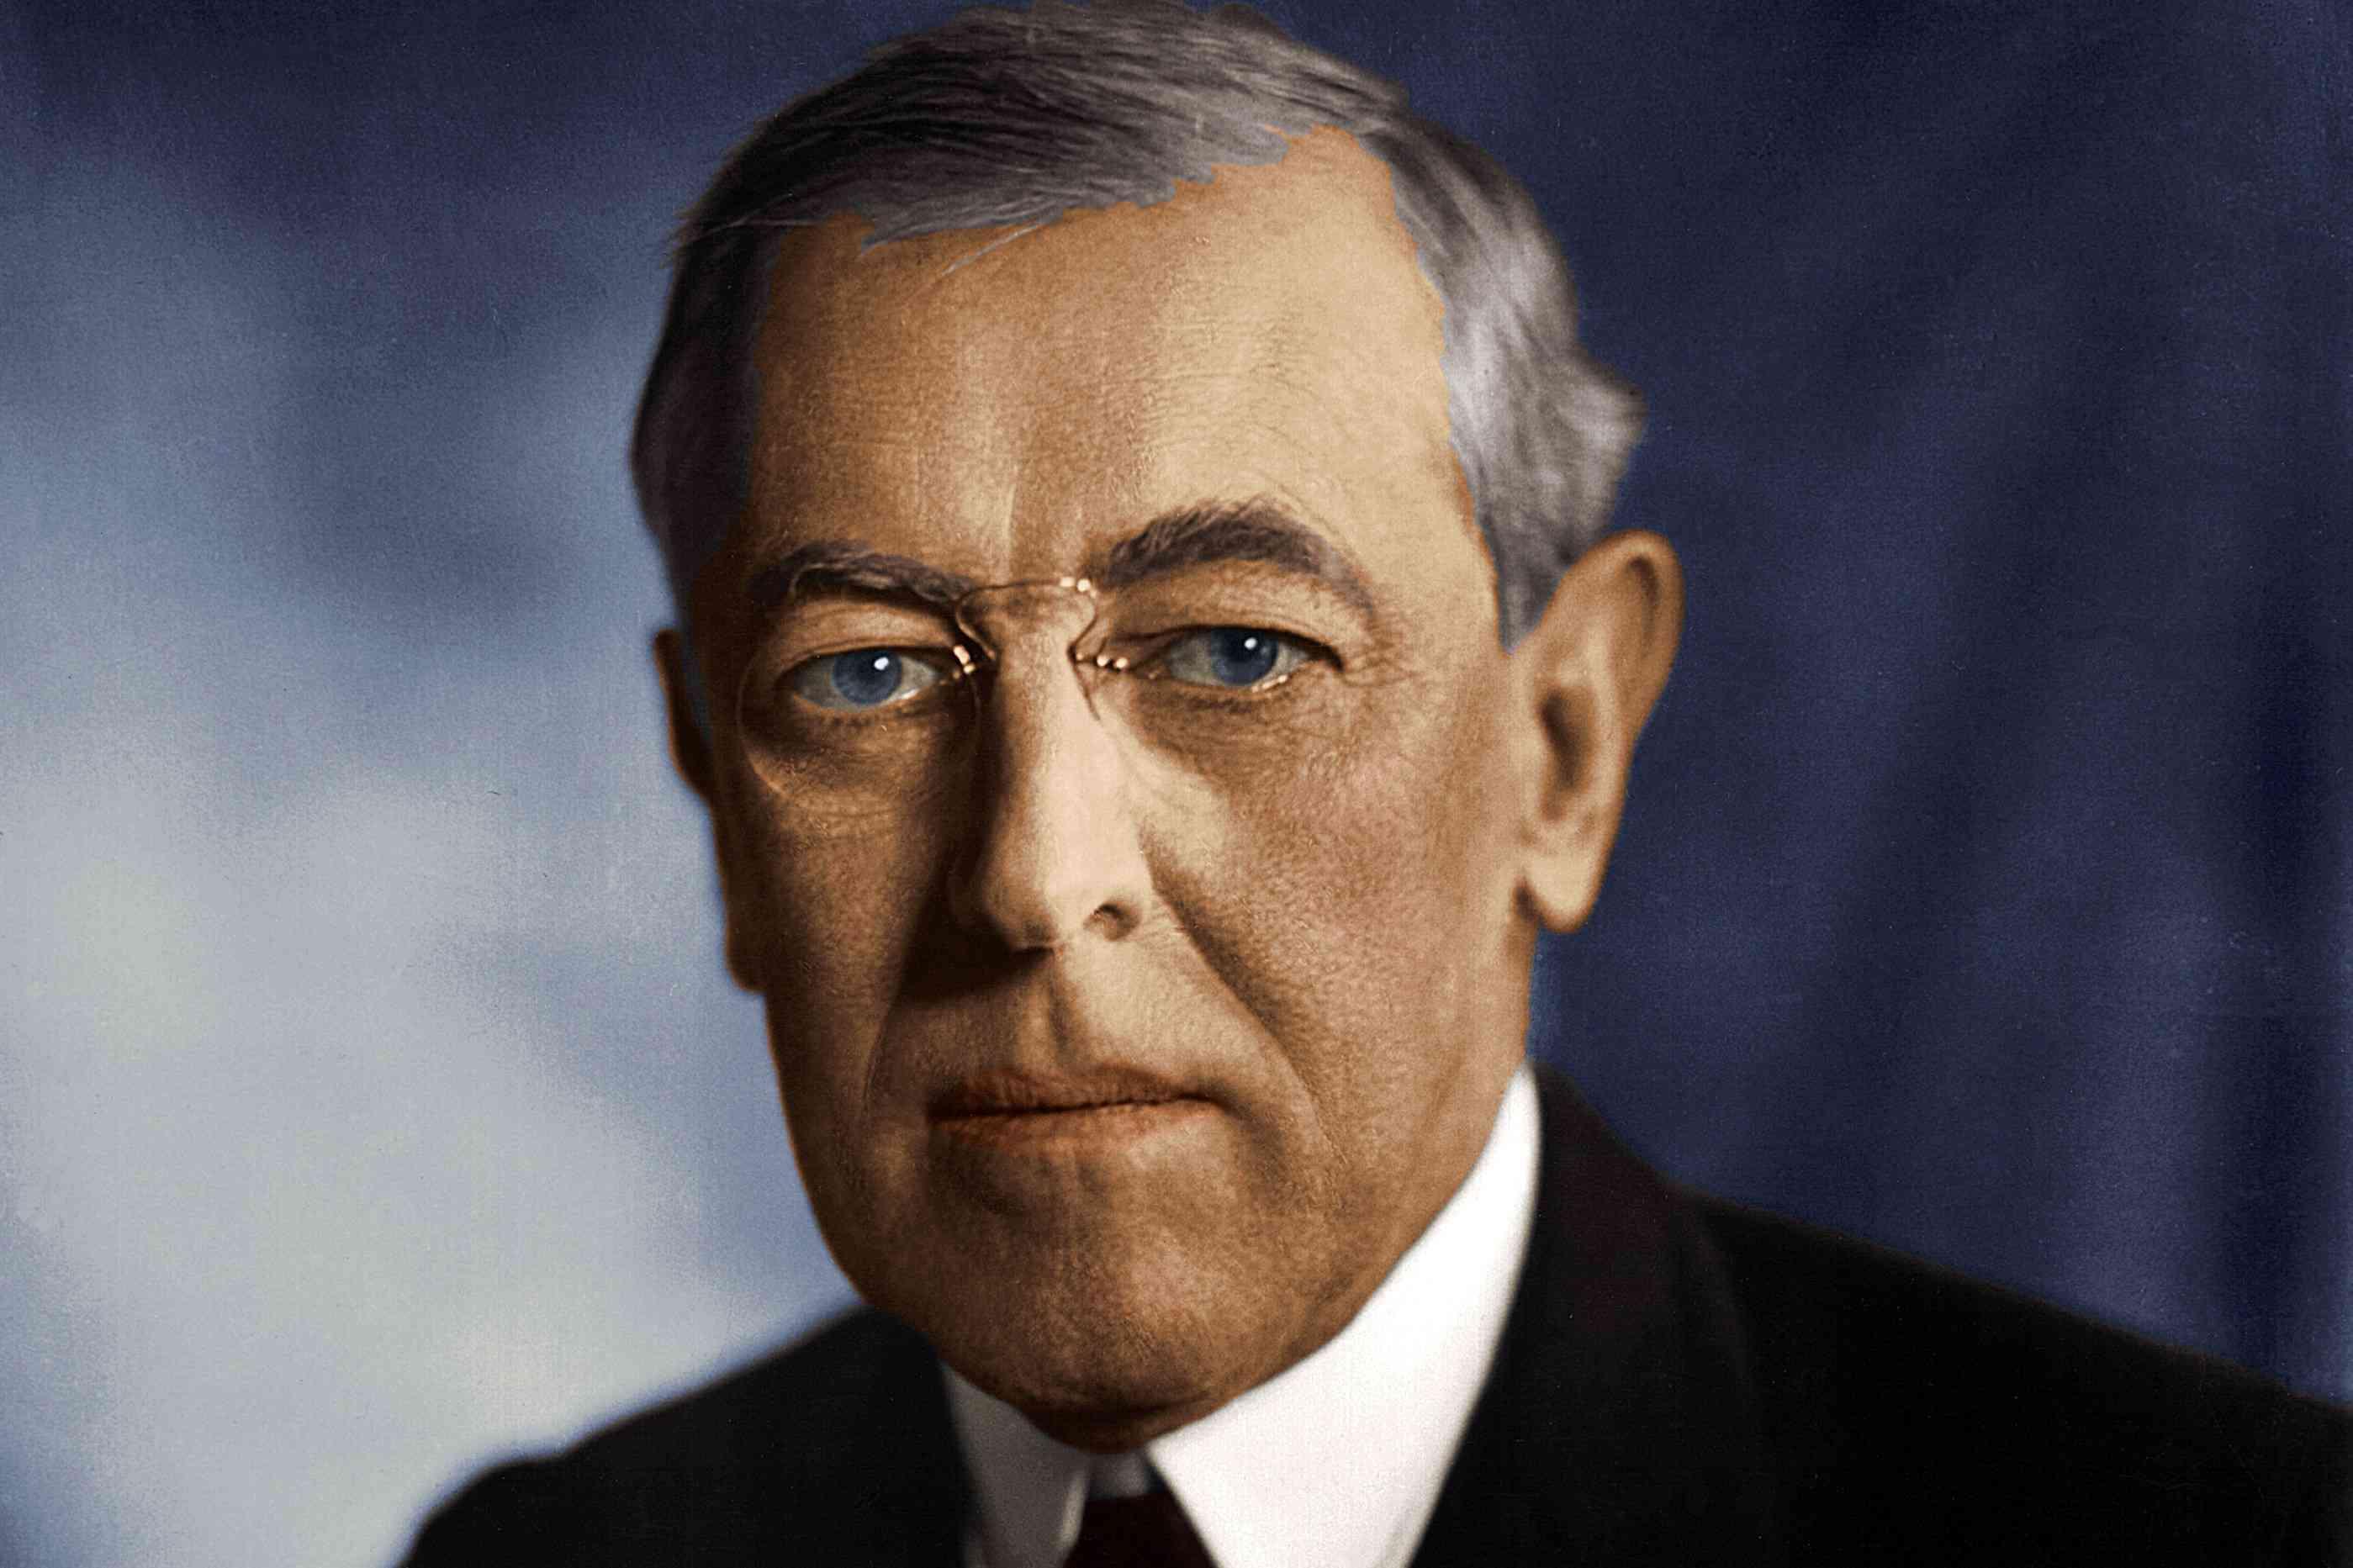 ウッドロー・ウィルソン大統領